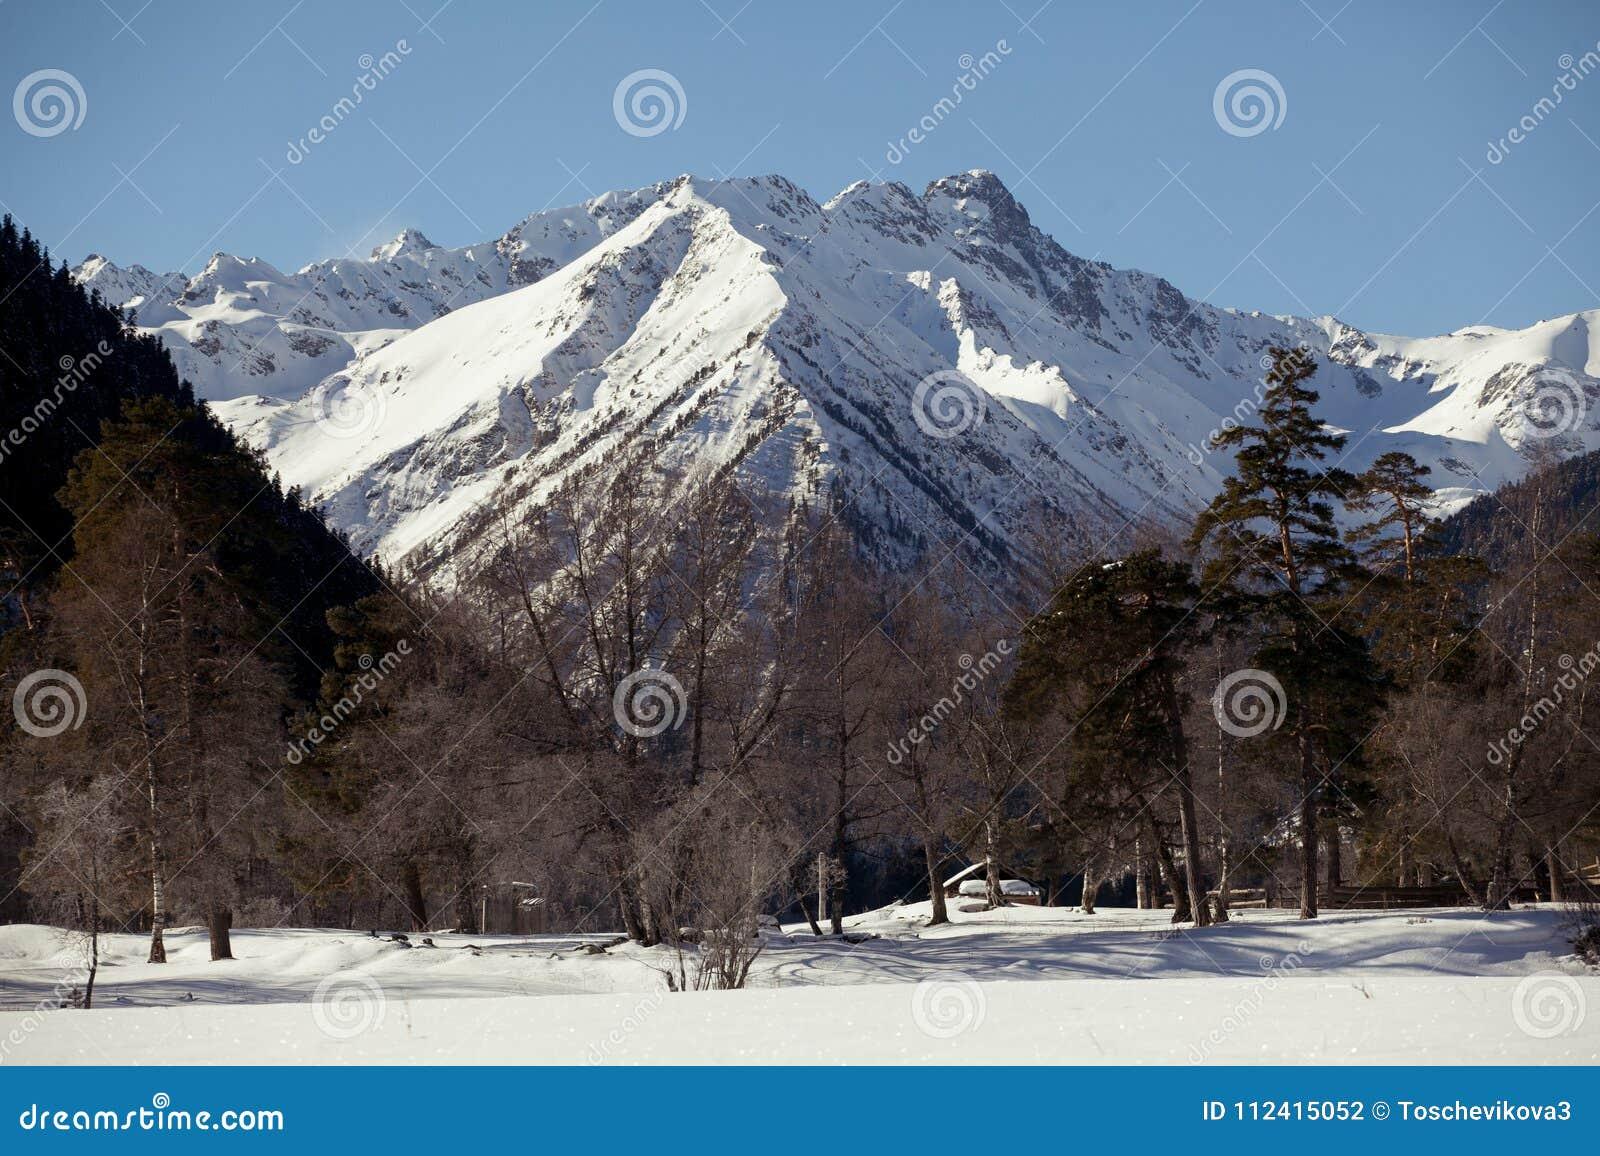 Härlig panoramautsikt av bergskedjan med snö-korkade maxima, på en klar vinterdag